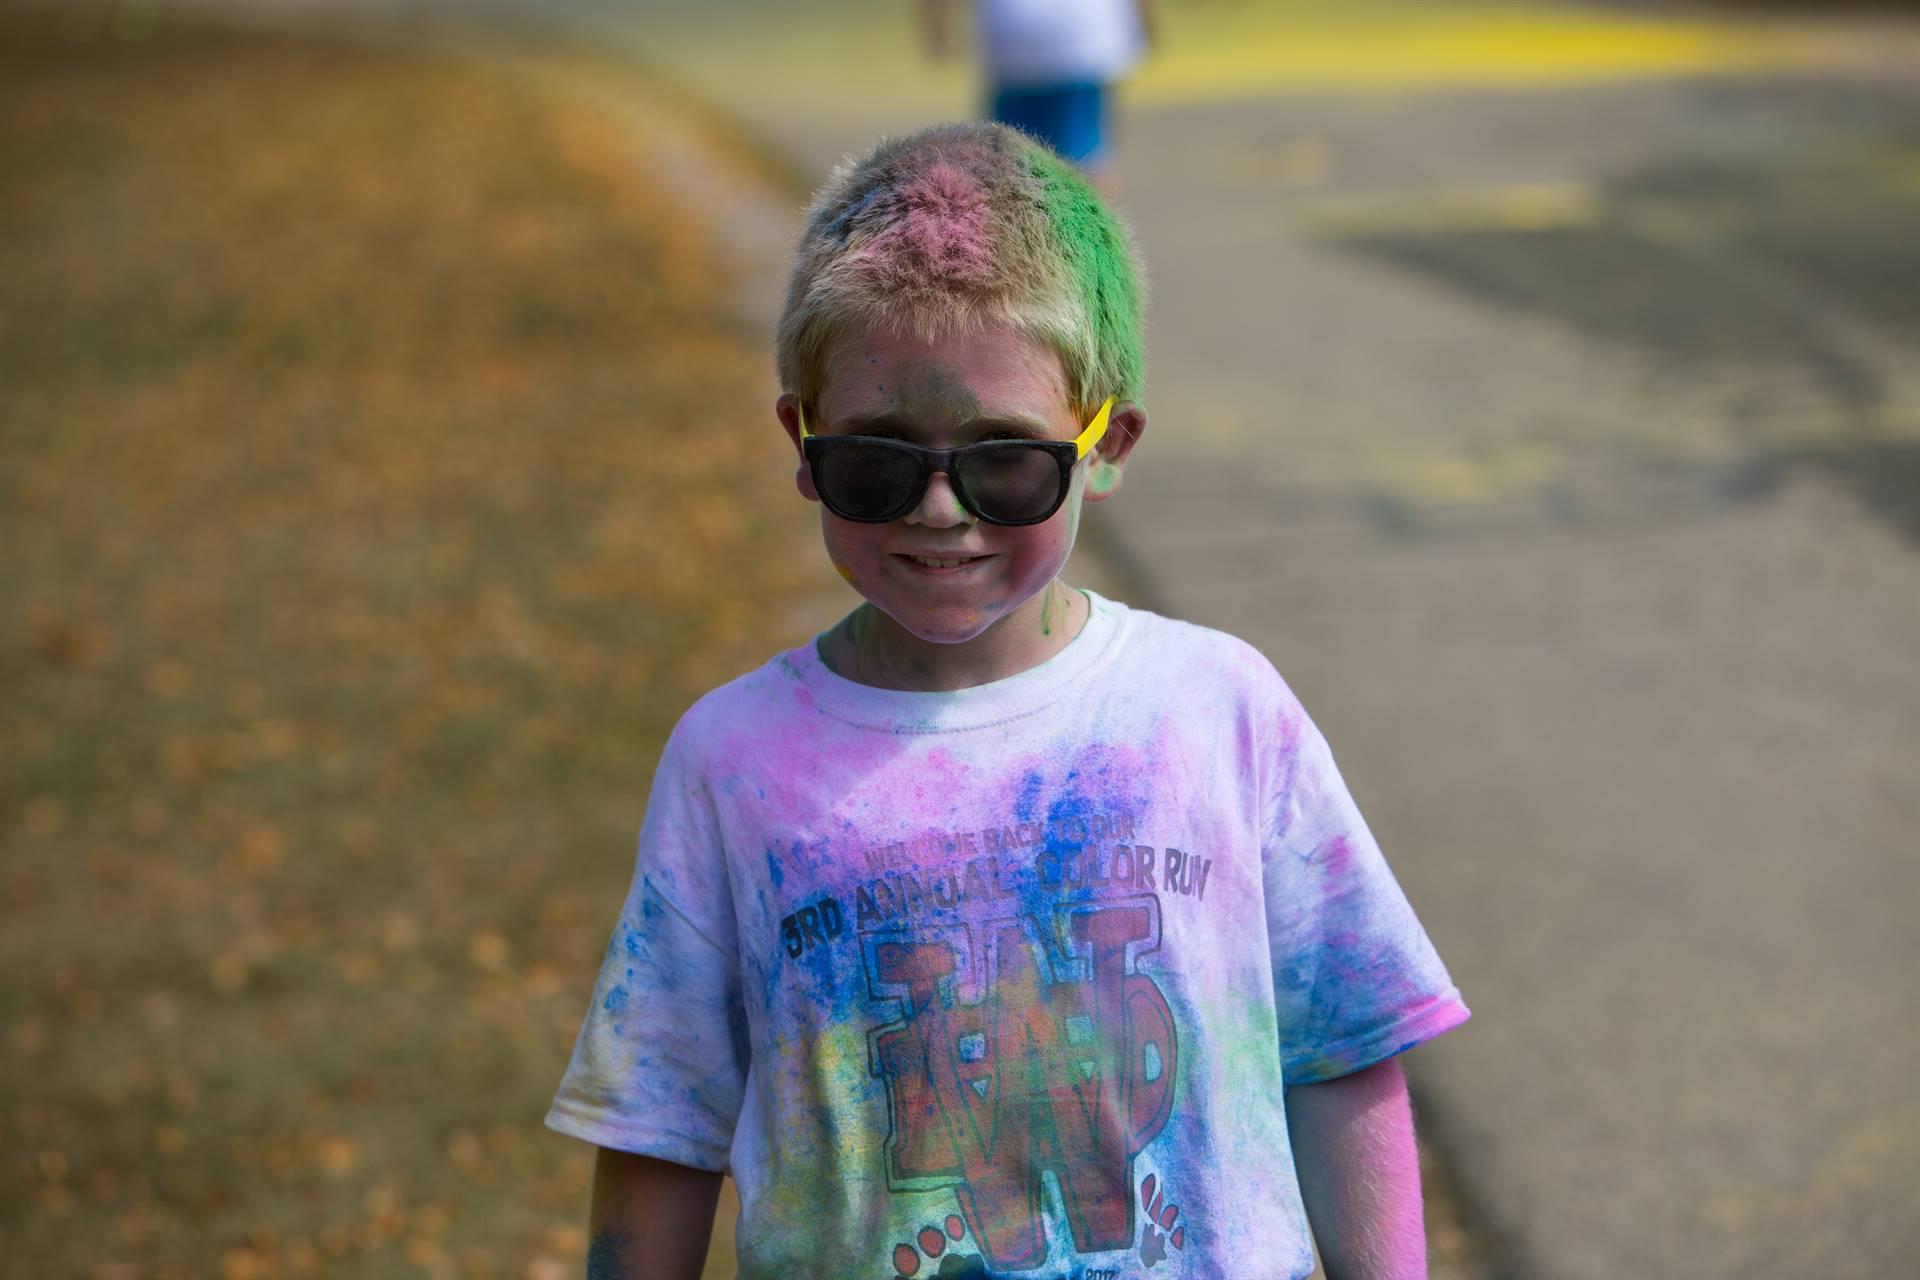 Boy 4 at color run